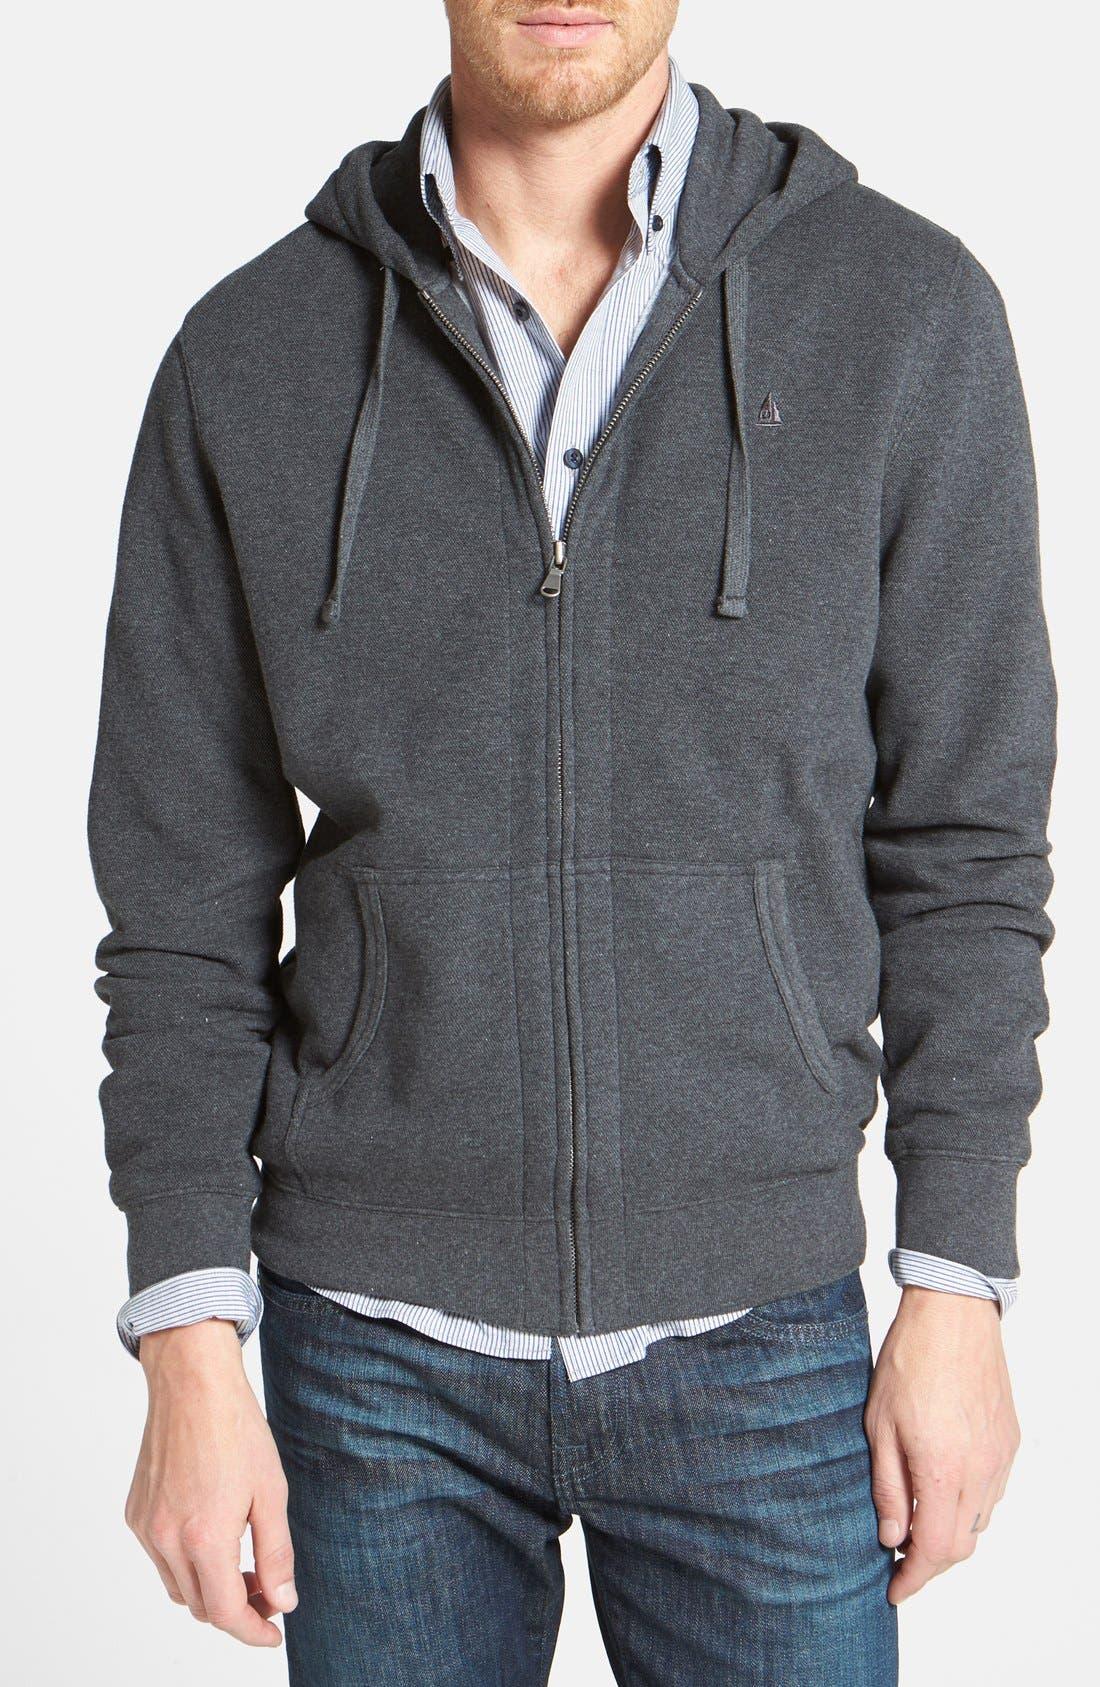 Main Image - Nordstrom Full Zip Piqué Knit Hoodie